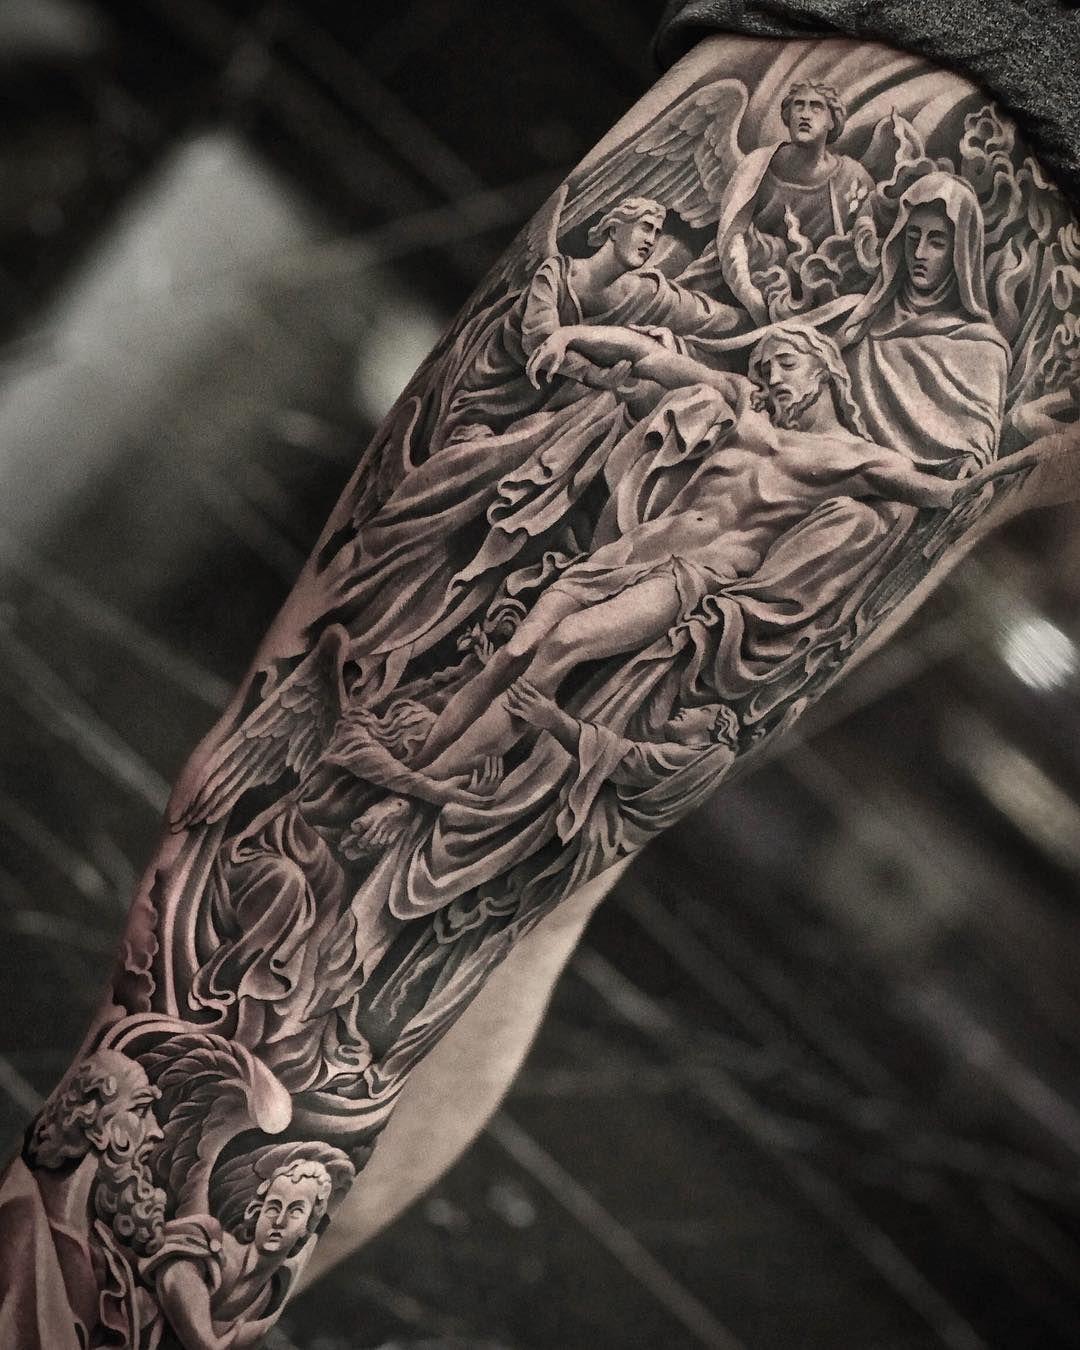 The Renaissance In The Jun Cha S Tattoo Works Idei Tatuaje Tatuaje